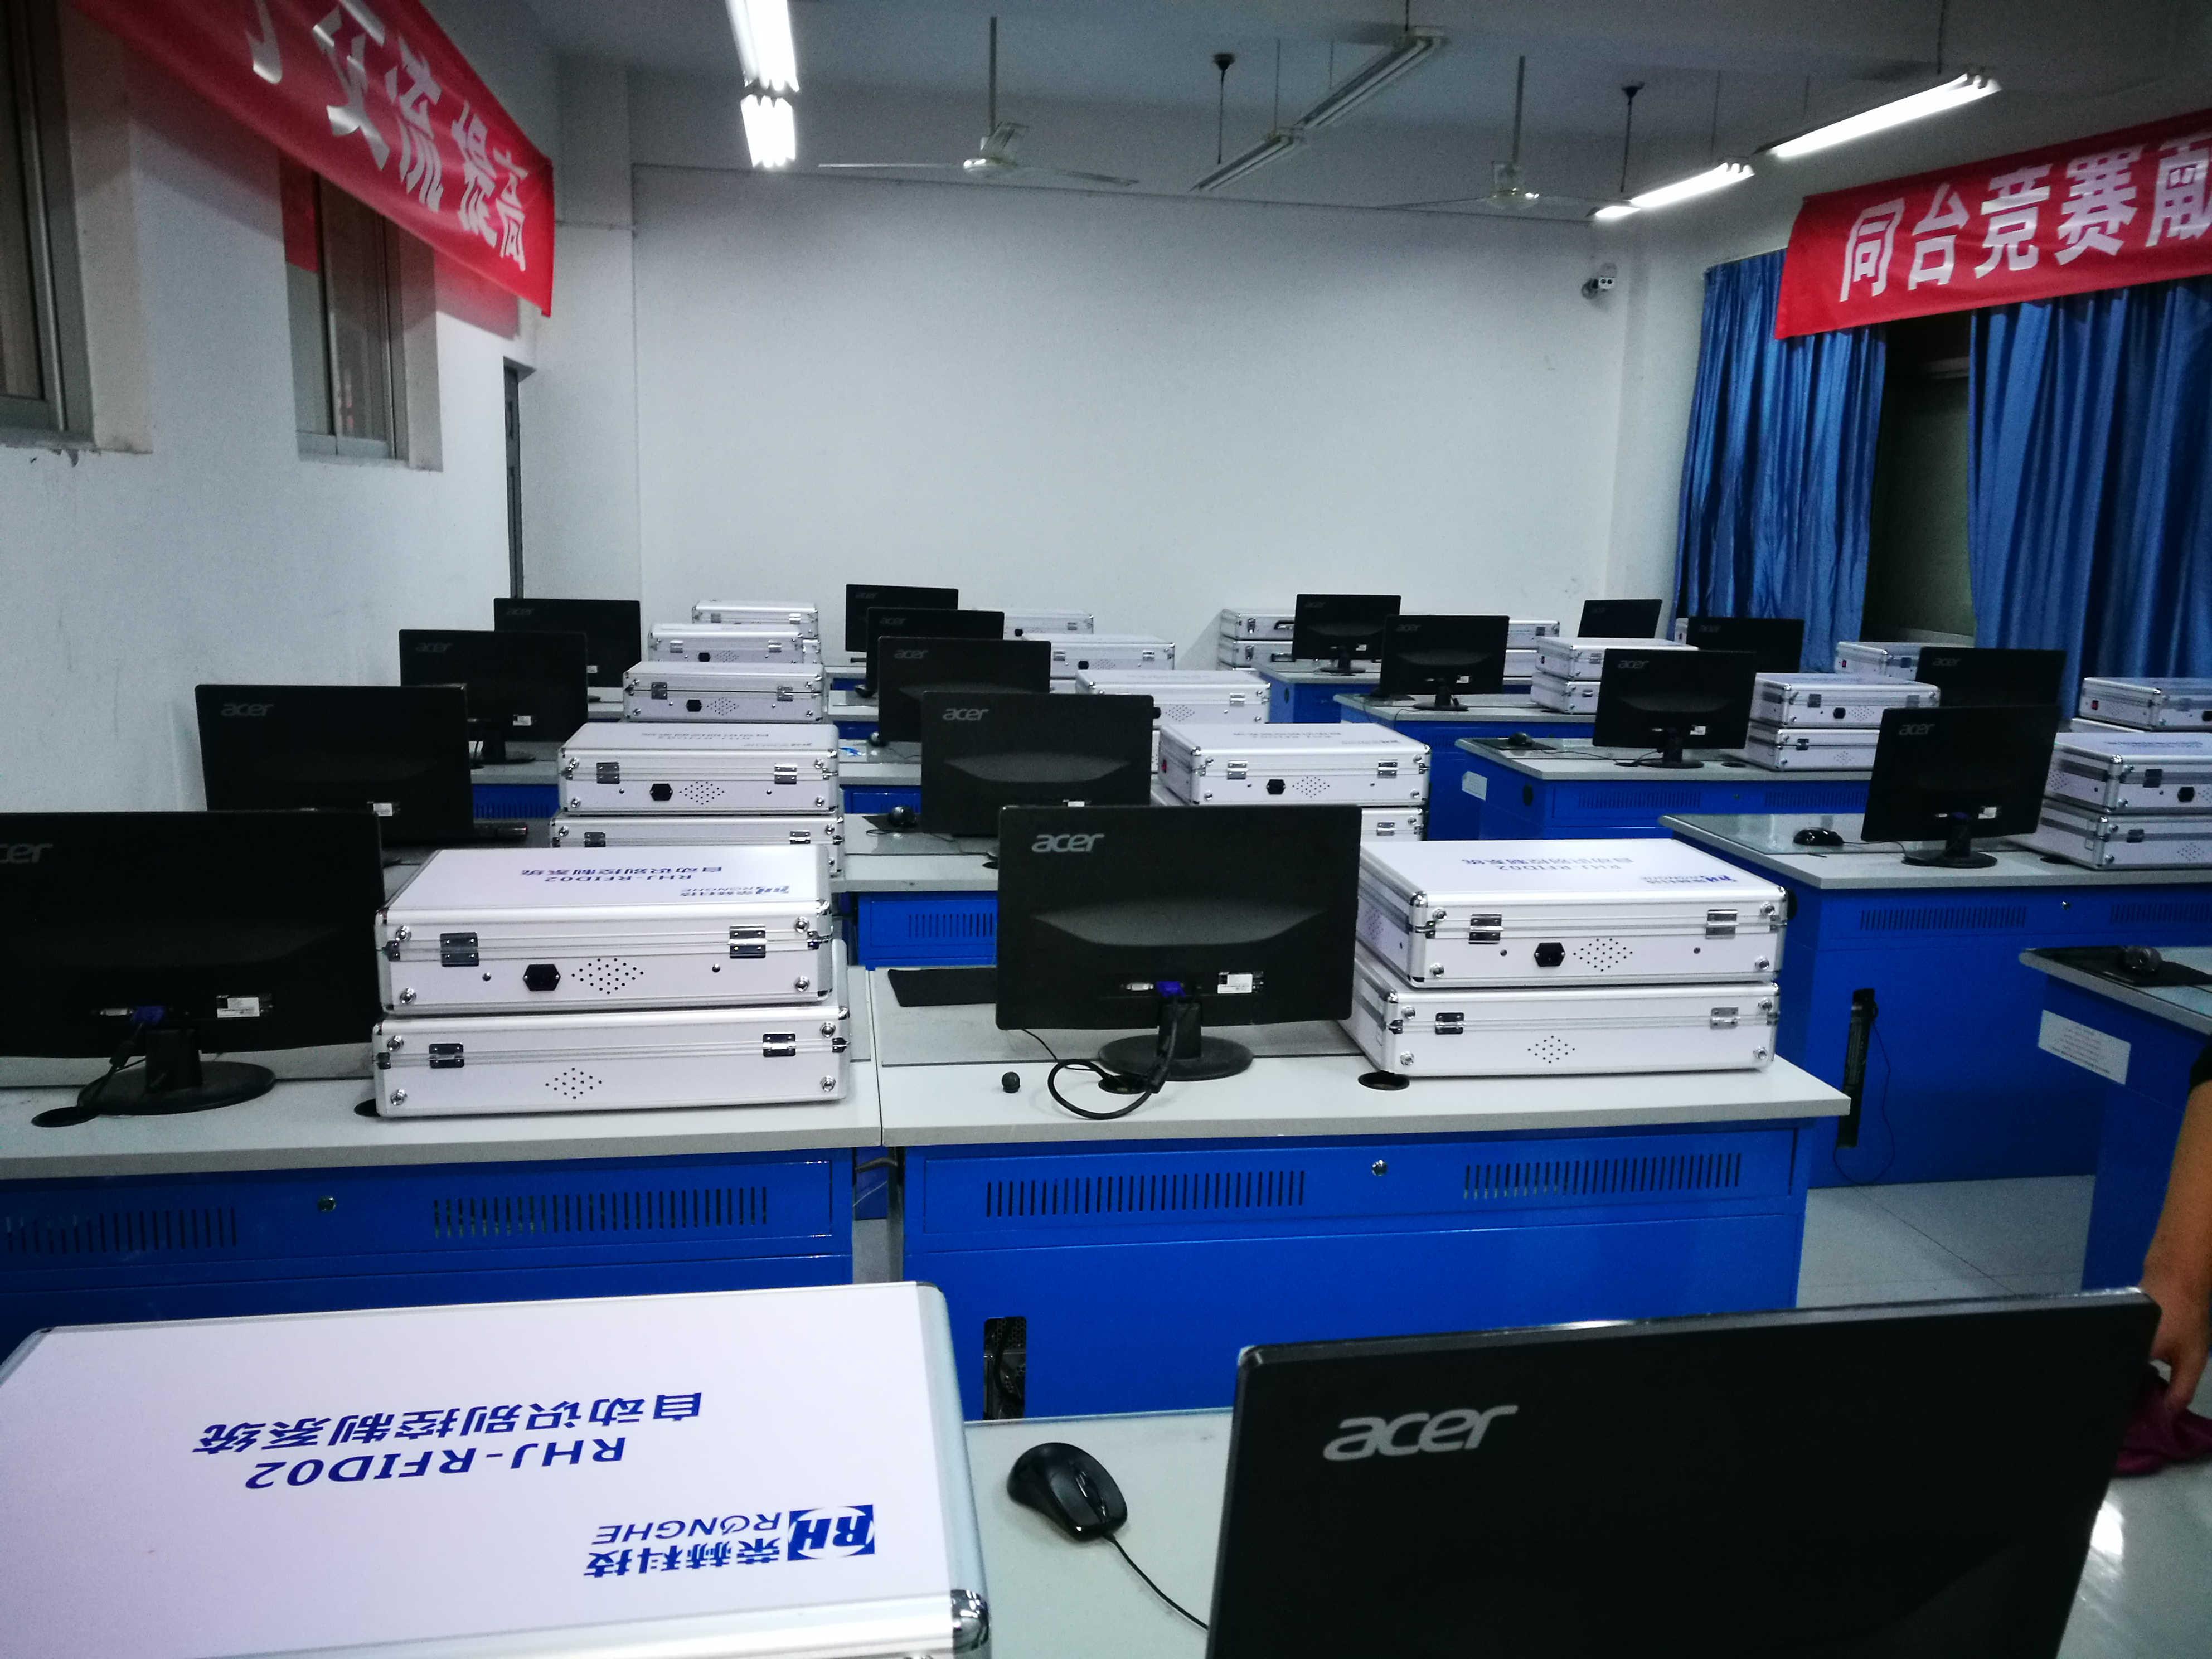 重庆轨道专业招生